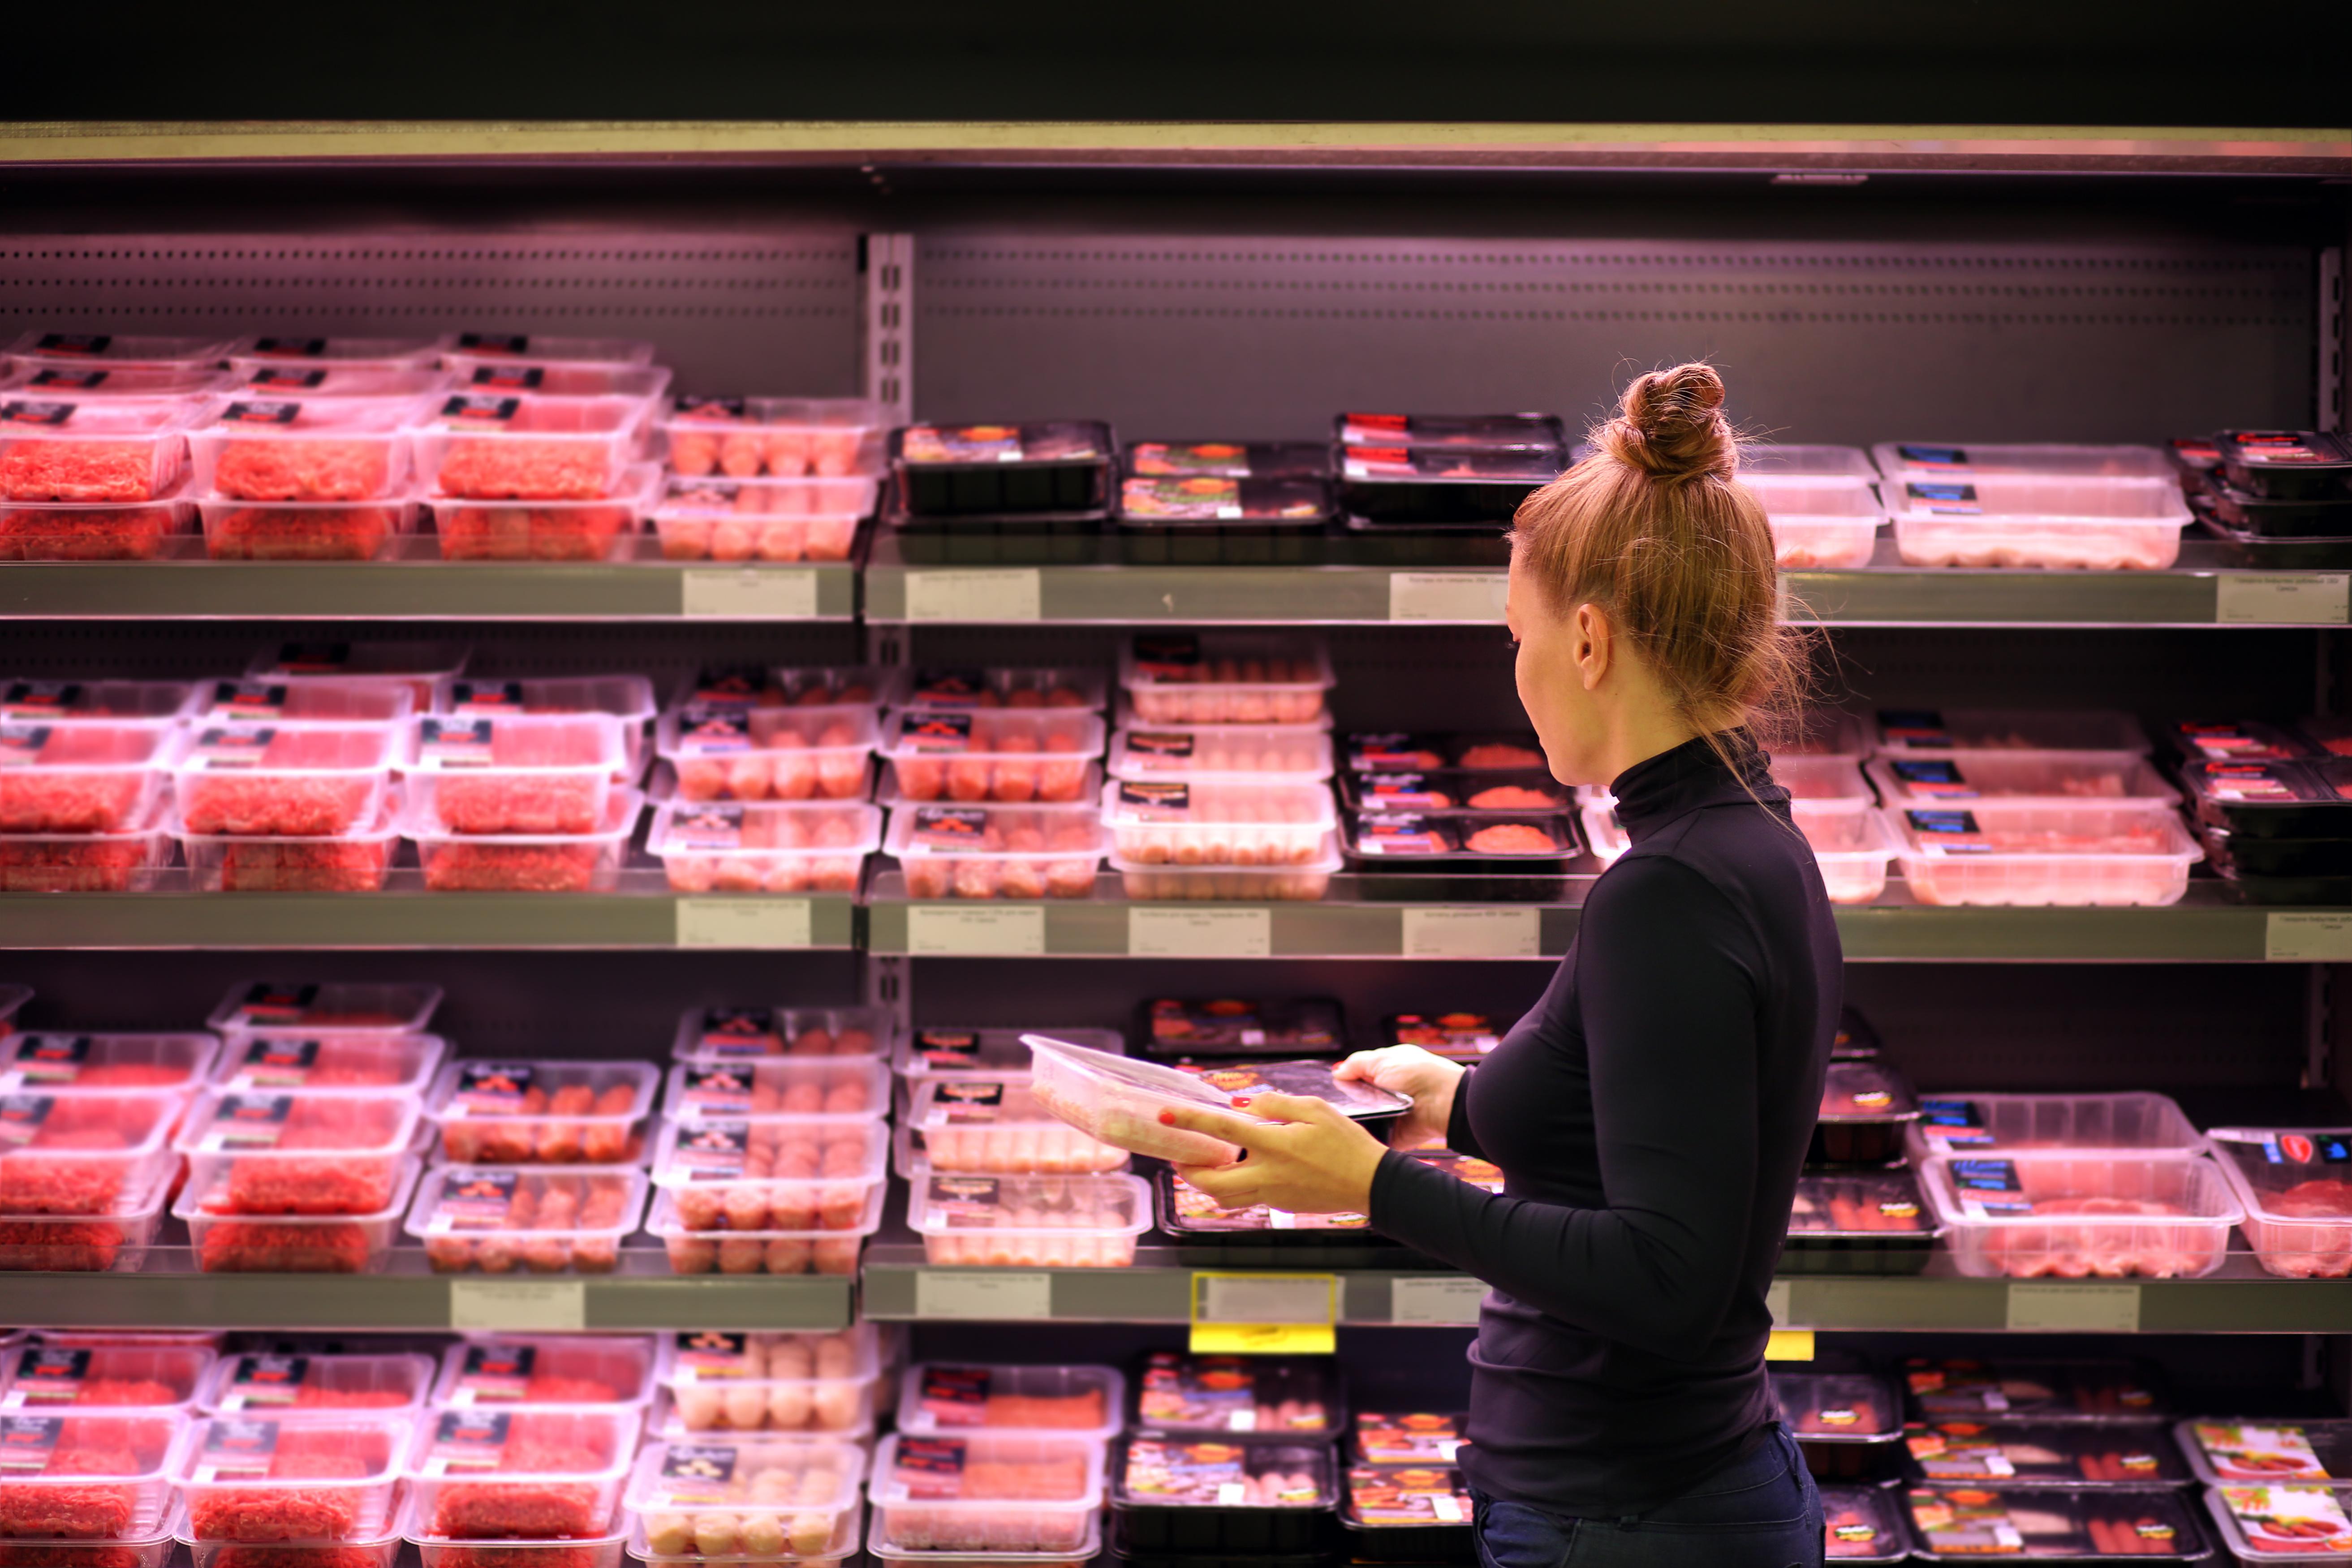 Trendy konsumpcji produktów mięsnych łączące Europę i Amerykę – zalety produktów convenience.